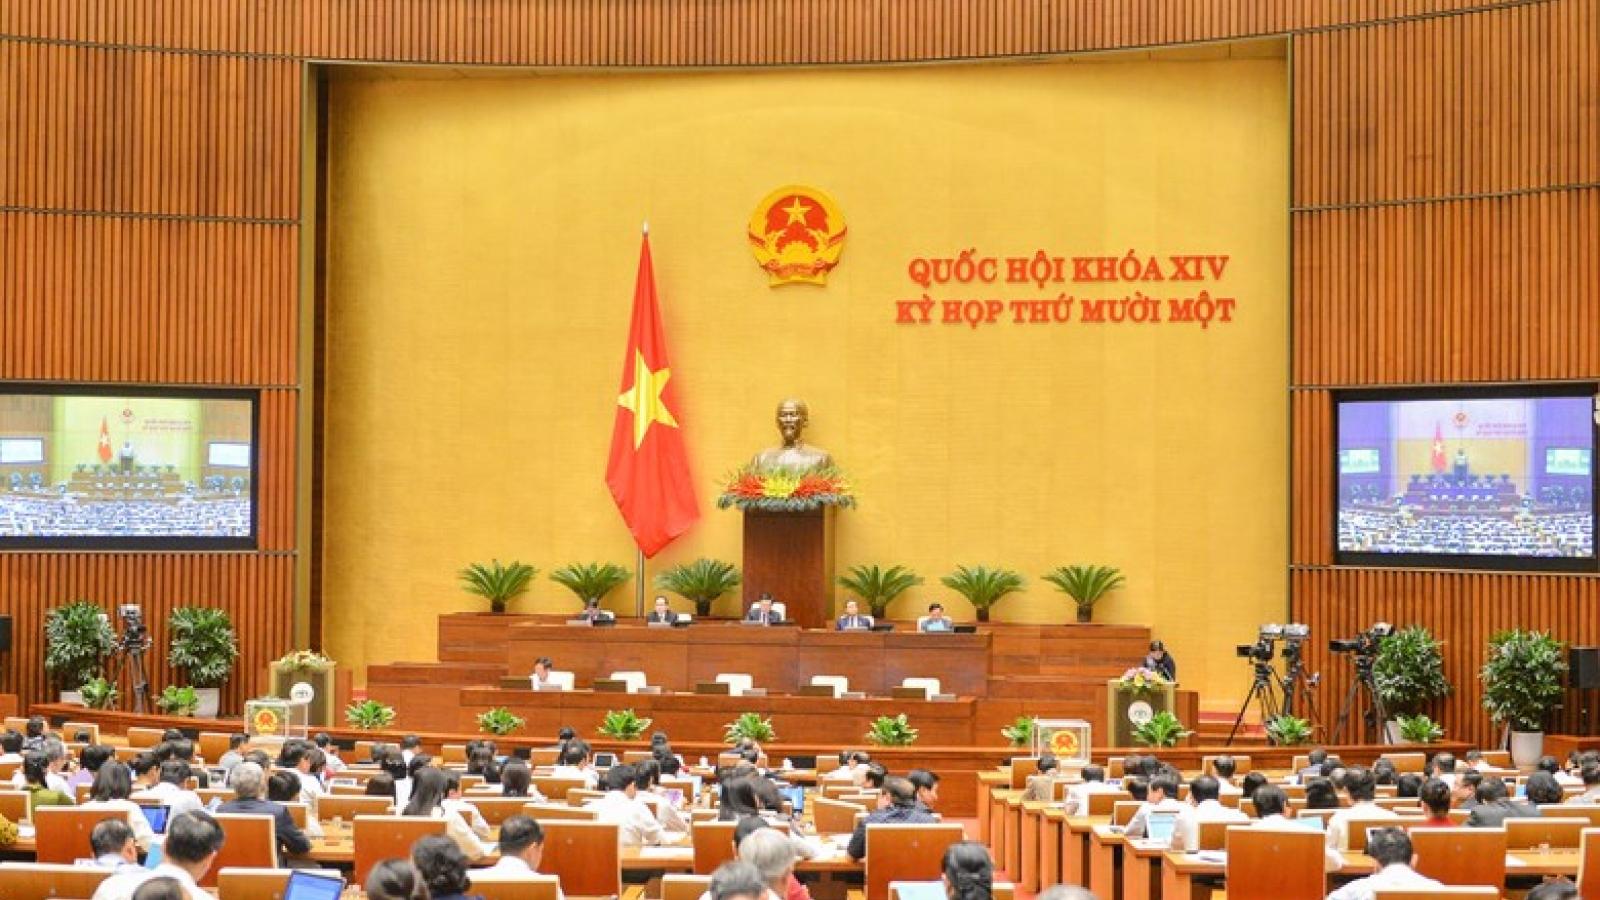 Phê chuẩn miễn nhiệm một số thành viên Hội đồng Bầu cử Quốc gia